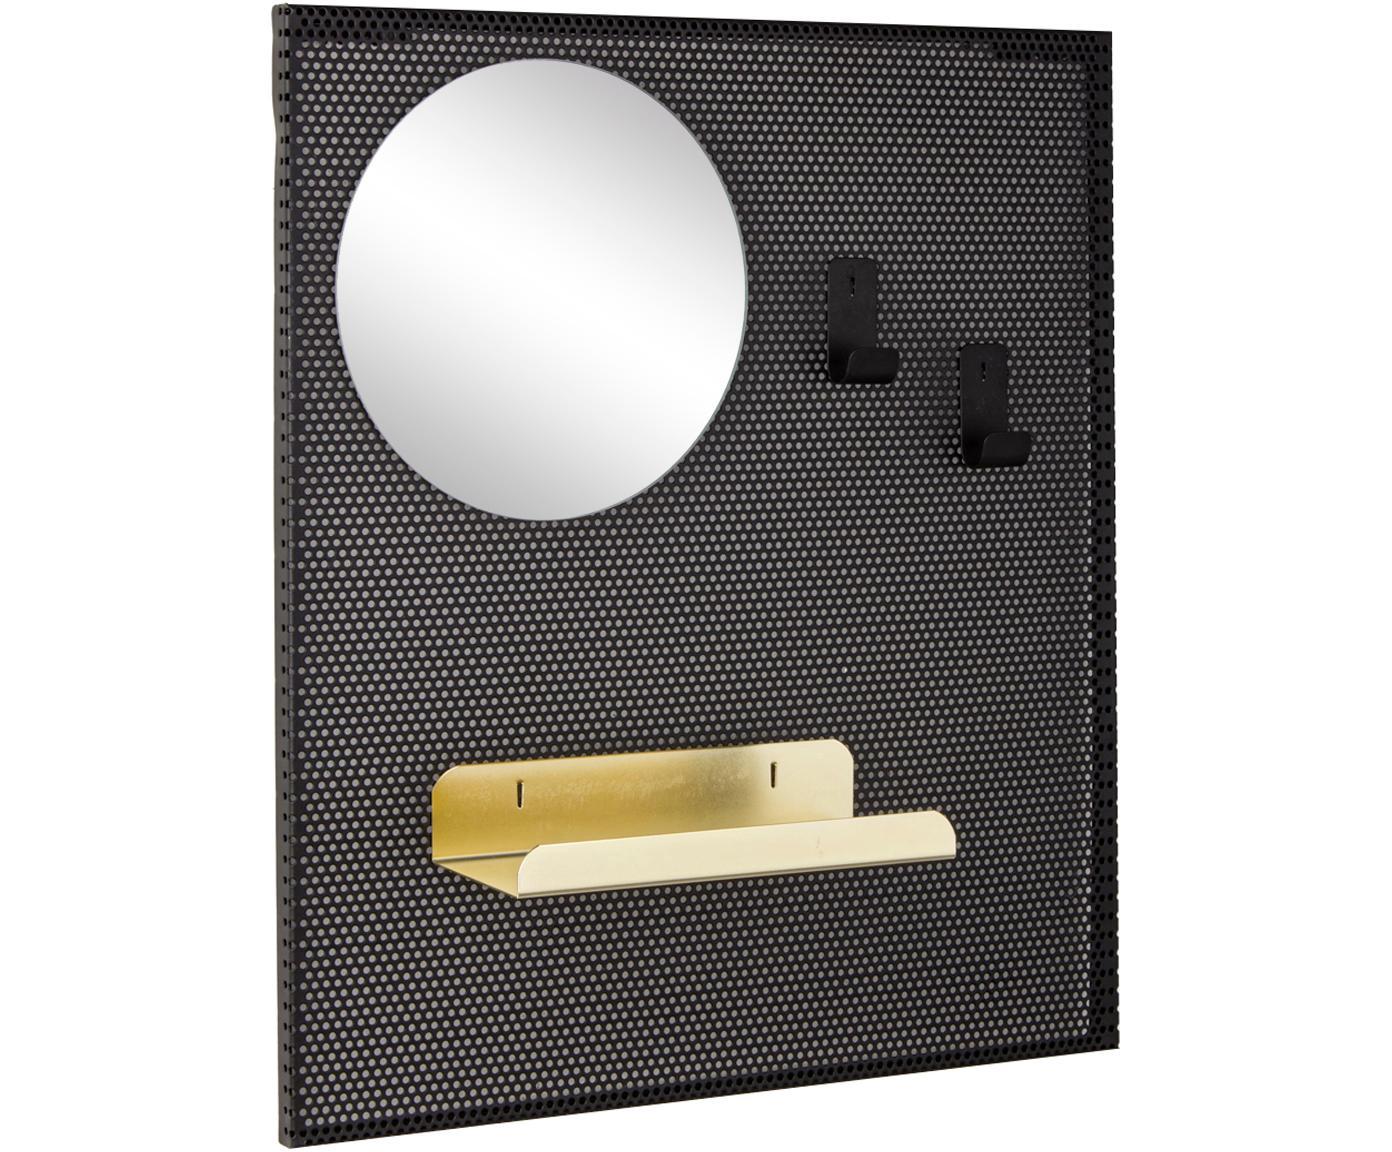 Kleine wandkapstok Metric met sleutelplank, Gecoat metaal, Zwart, 40 x 46 cm